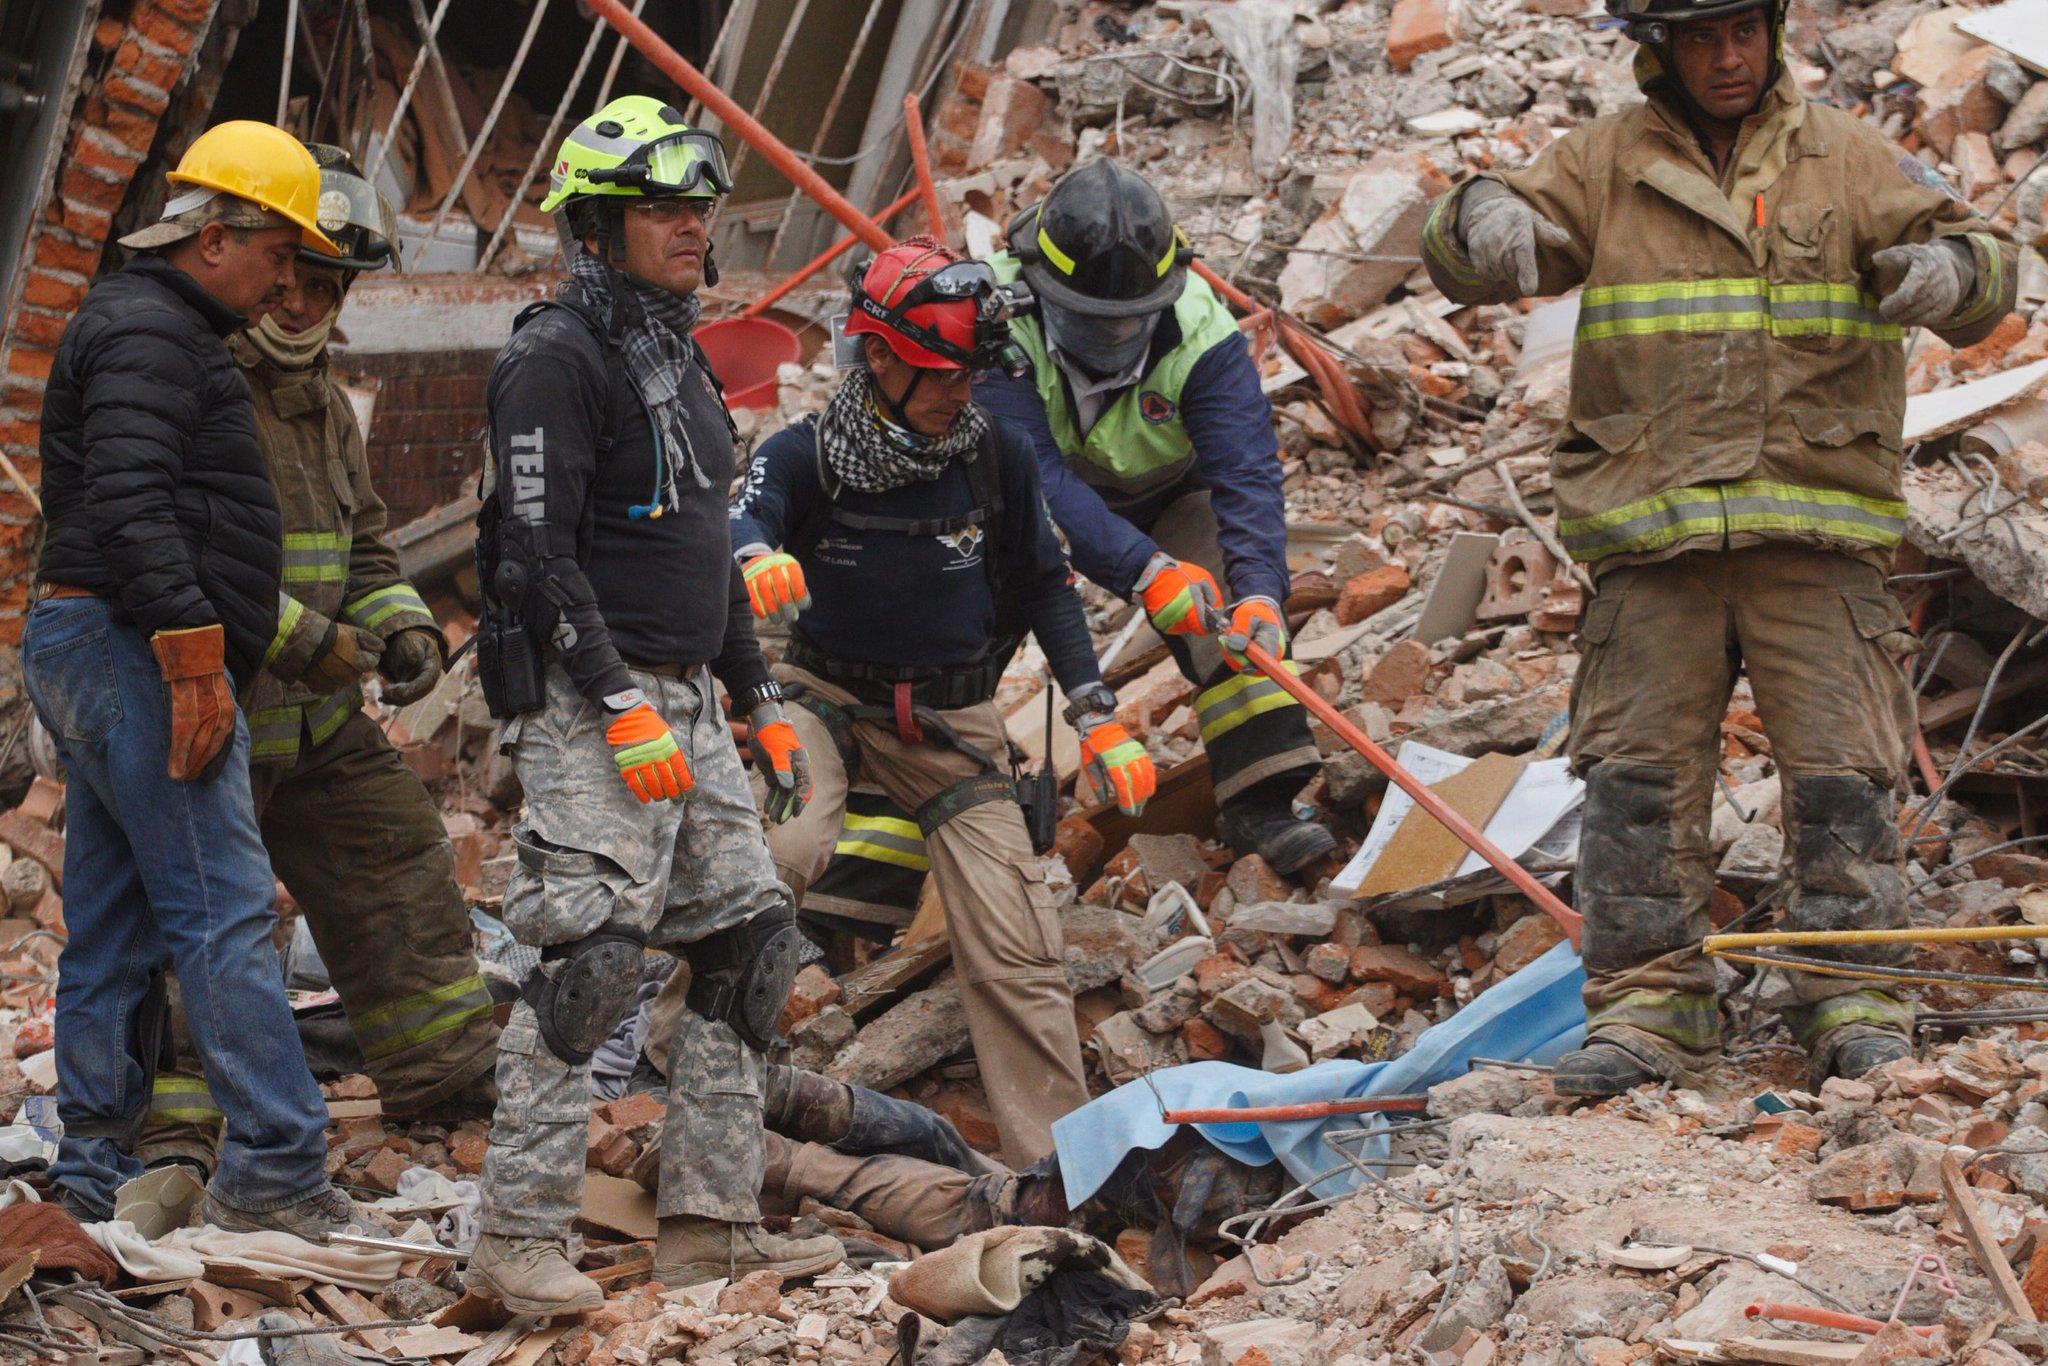 Tras el #sismo, ¿cómo manejar el miedo y la angustia?https://t.co/rCfz0fqyoG #FuerzaMéxico #SismoMx https://t.co/eRXmBMb6IS